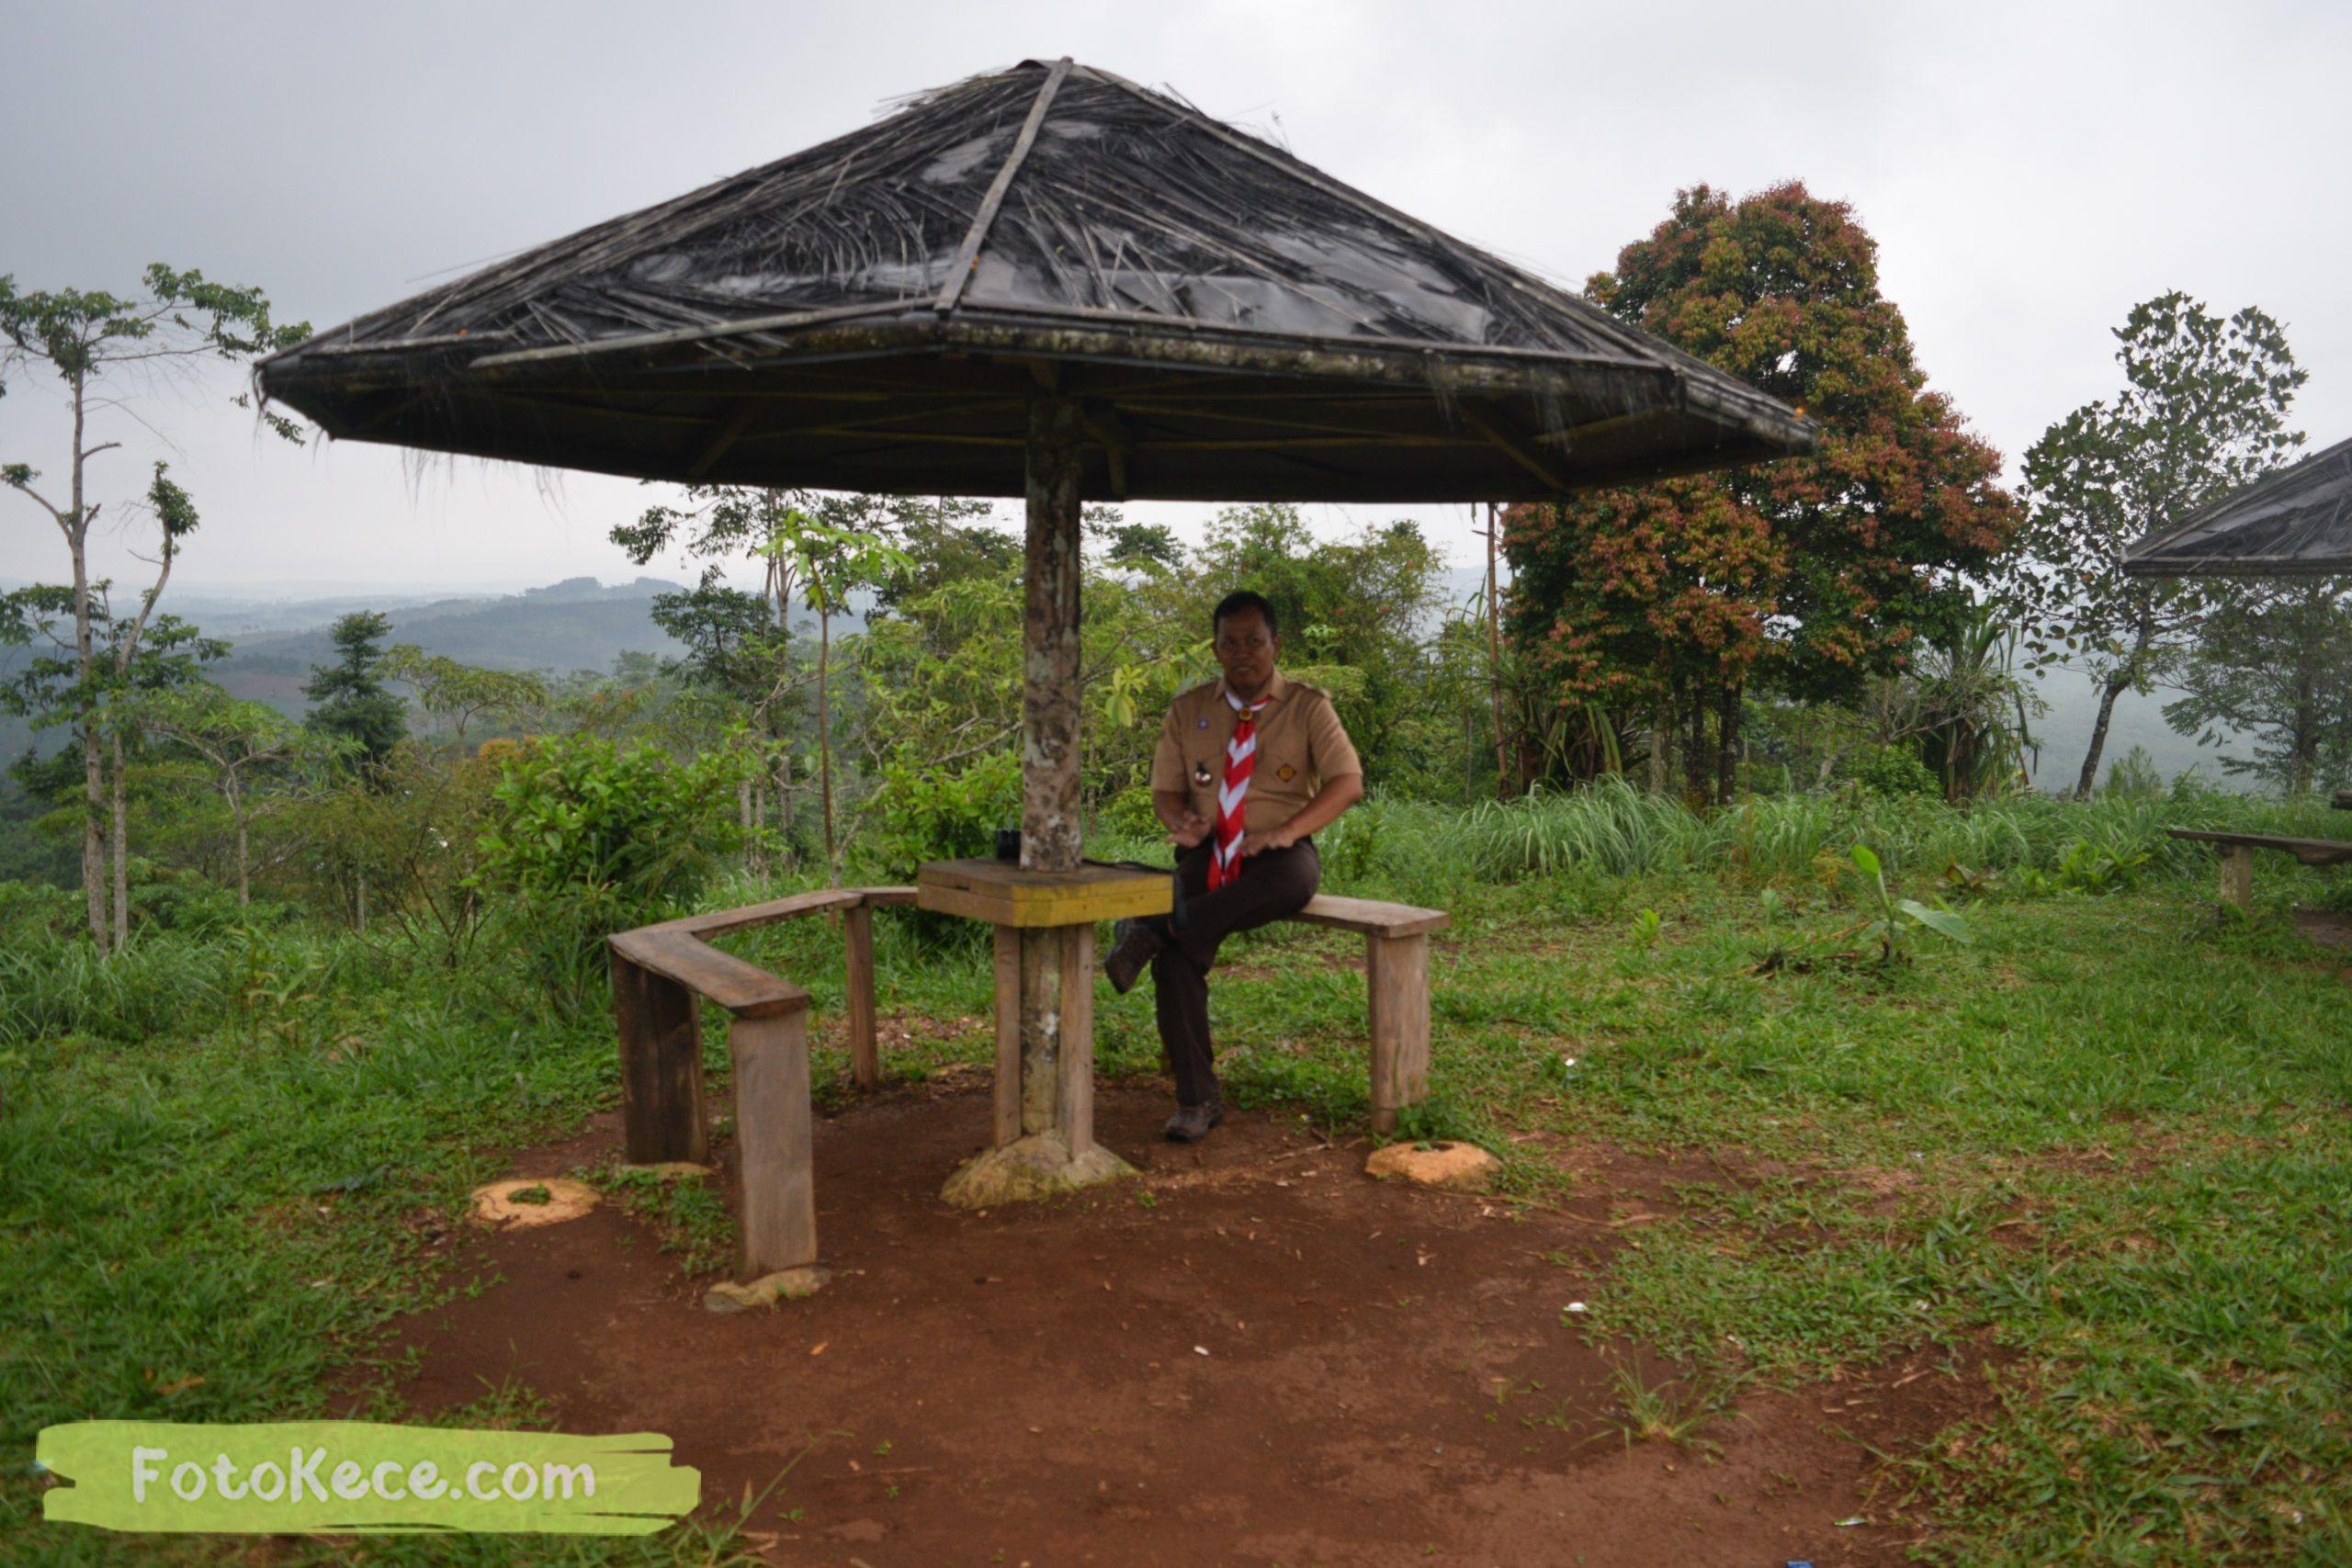 pembukaan perkemahan narakarya 1 mtsn 2 sukabumi 24 25 januari 2020 pramuka hebat wisata alam puncak buluh jampangkulon 35 scaled